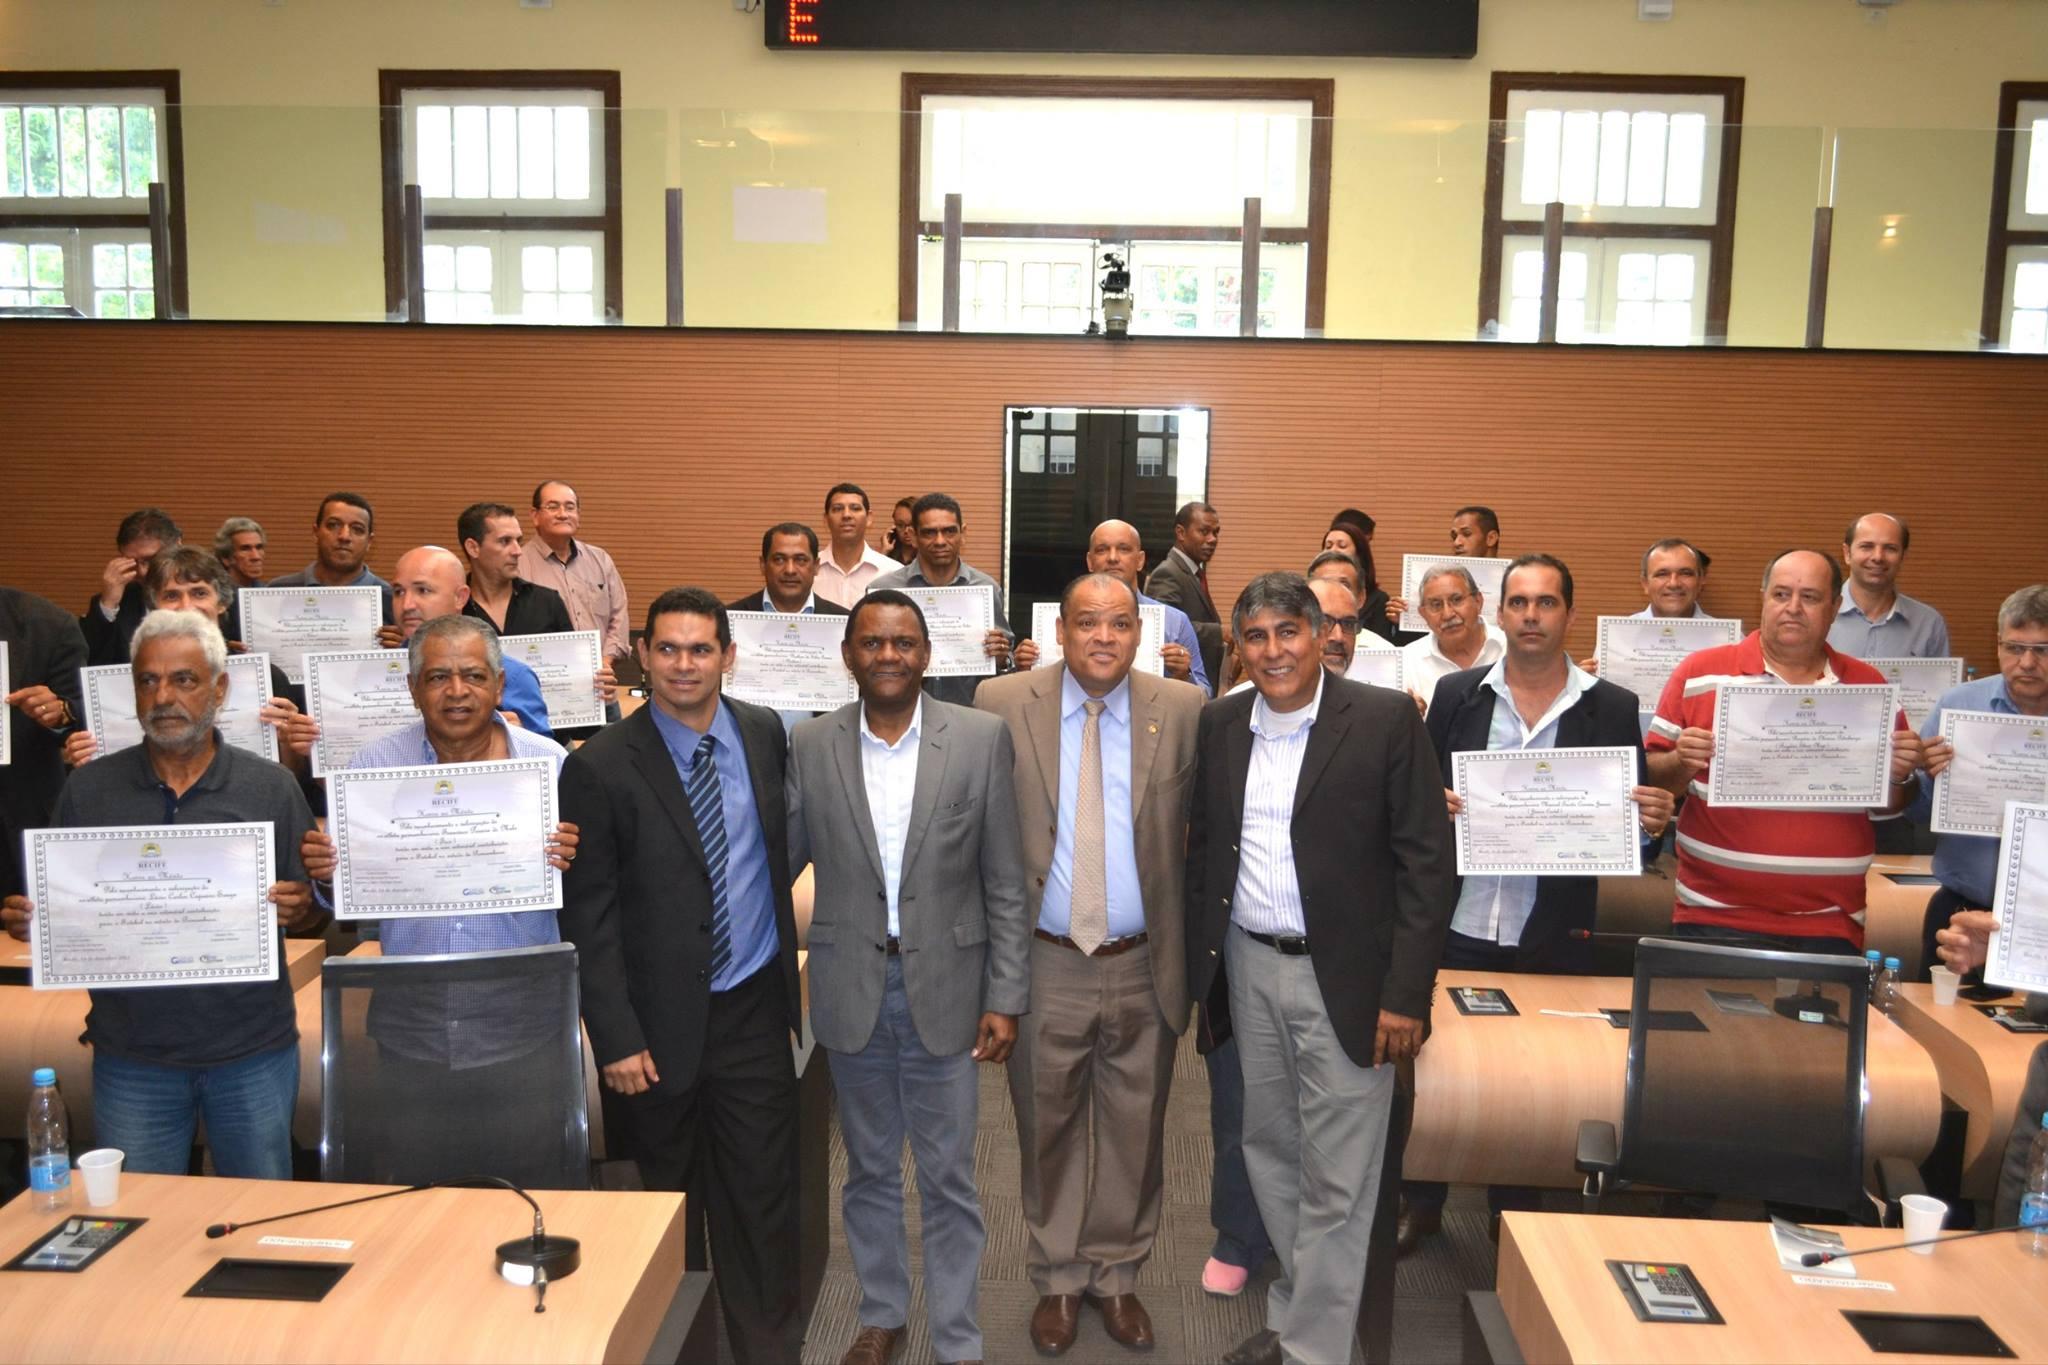 Associação de Garantia ao Atleta Profissional de Pernambuco recebe homenagem